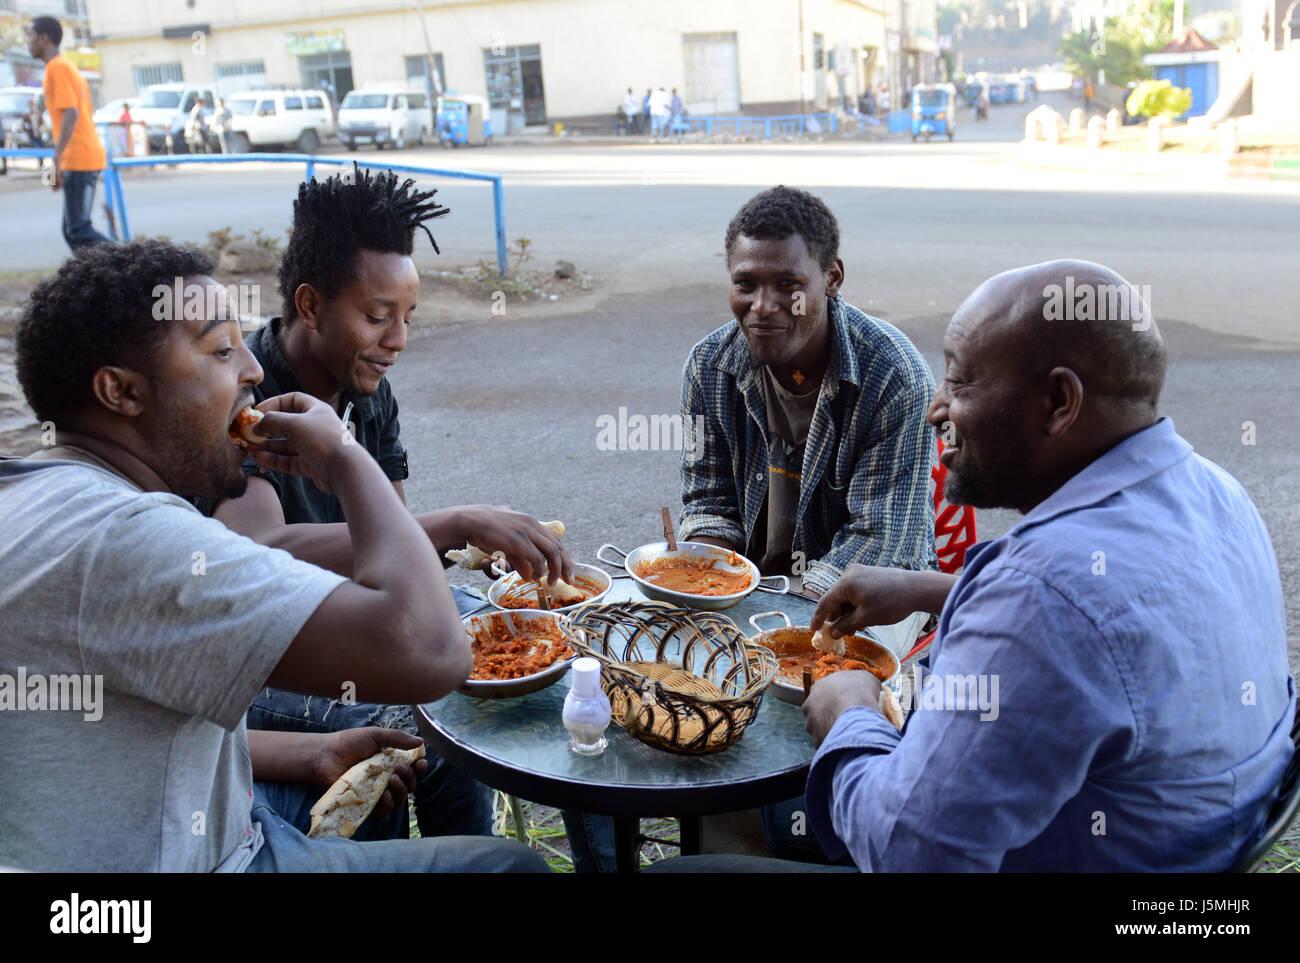 Äthiopischen Freunde genießen ein Foul Mahlzeit im Zentrum von Gondar, Äthiopien. Stockbild